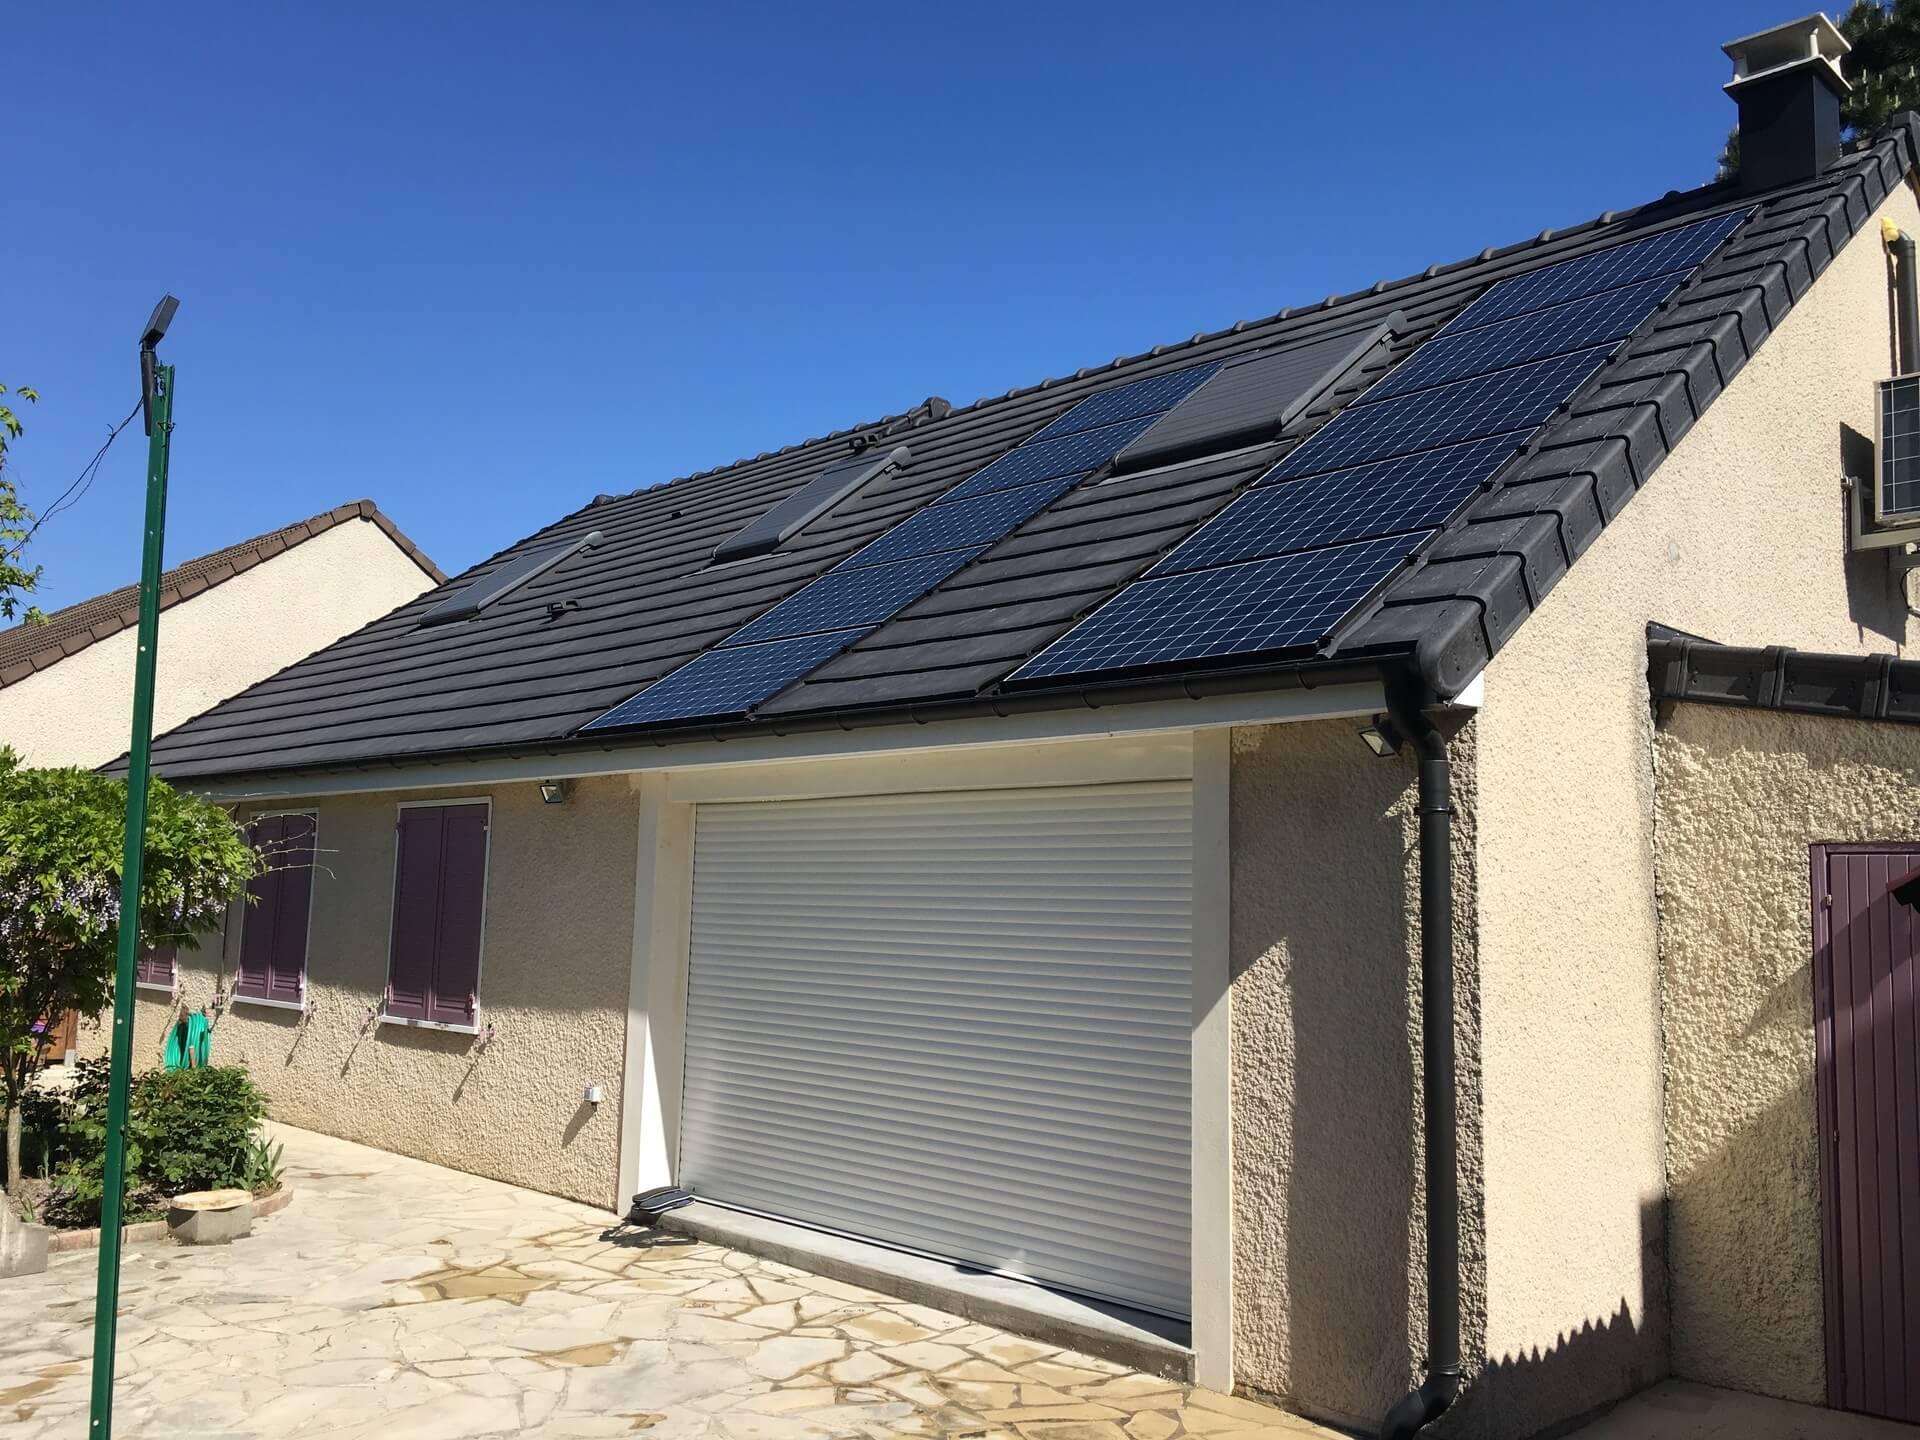 Réfection de toiture tuile / HP17 Couvreur 94 / Ma Belle Toiture